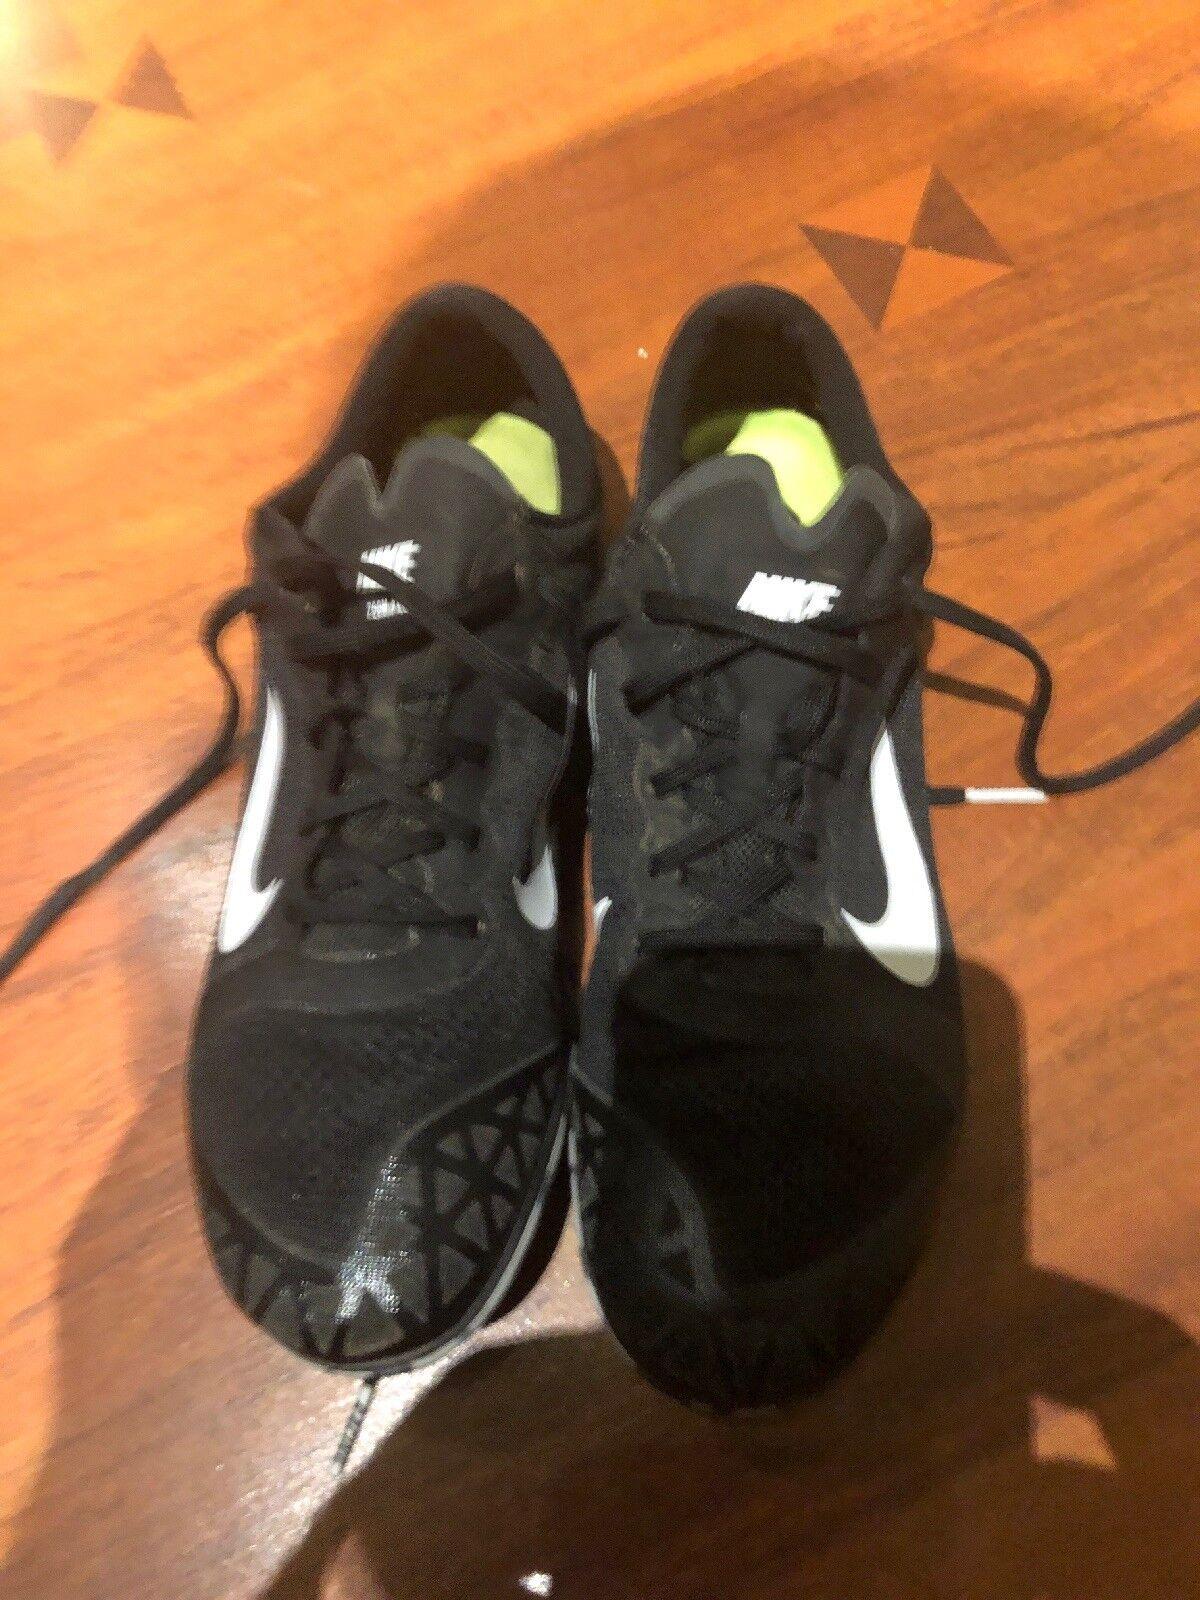 Mens nike zoom xc 3 uomini uomini uomini atletica di spuntoni scarpe nero 844132 001 dimensioni 8 punte   durabilità    Scolaro/Signora Scarpa  75efc0